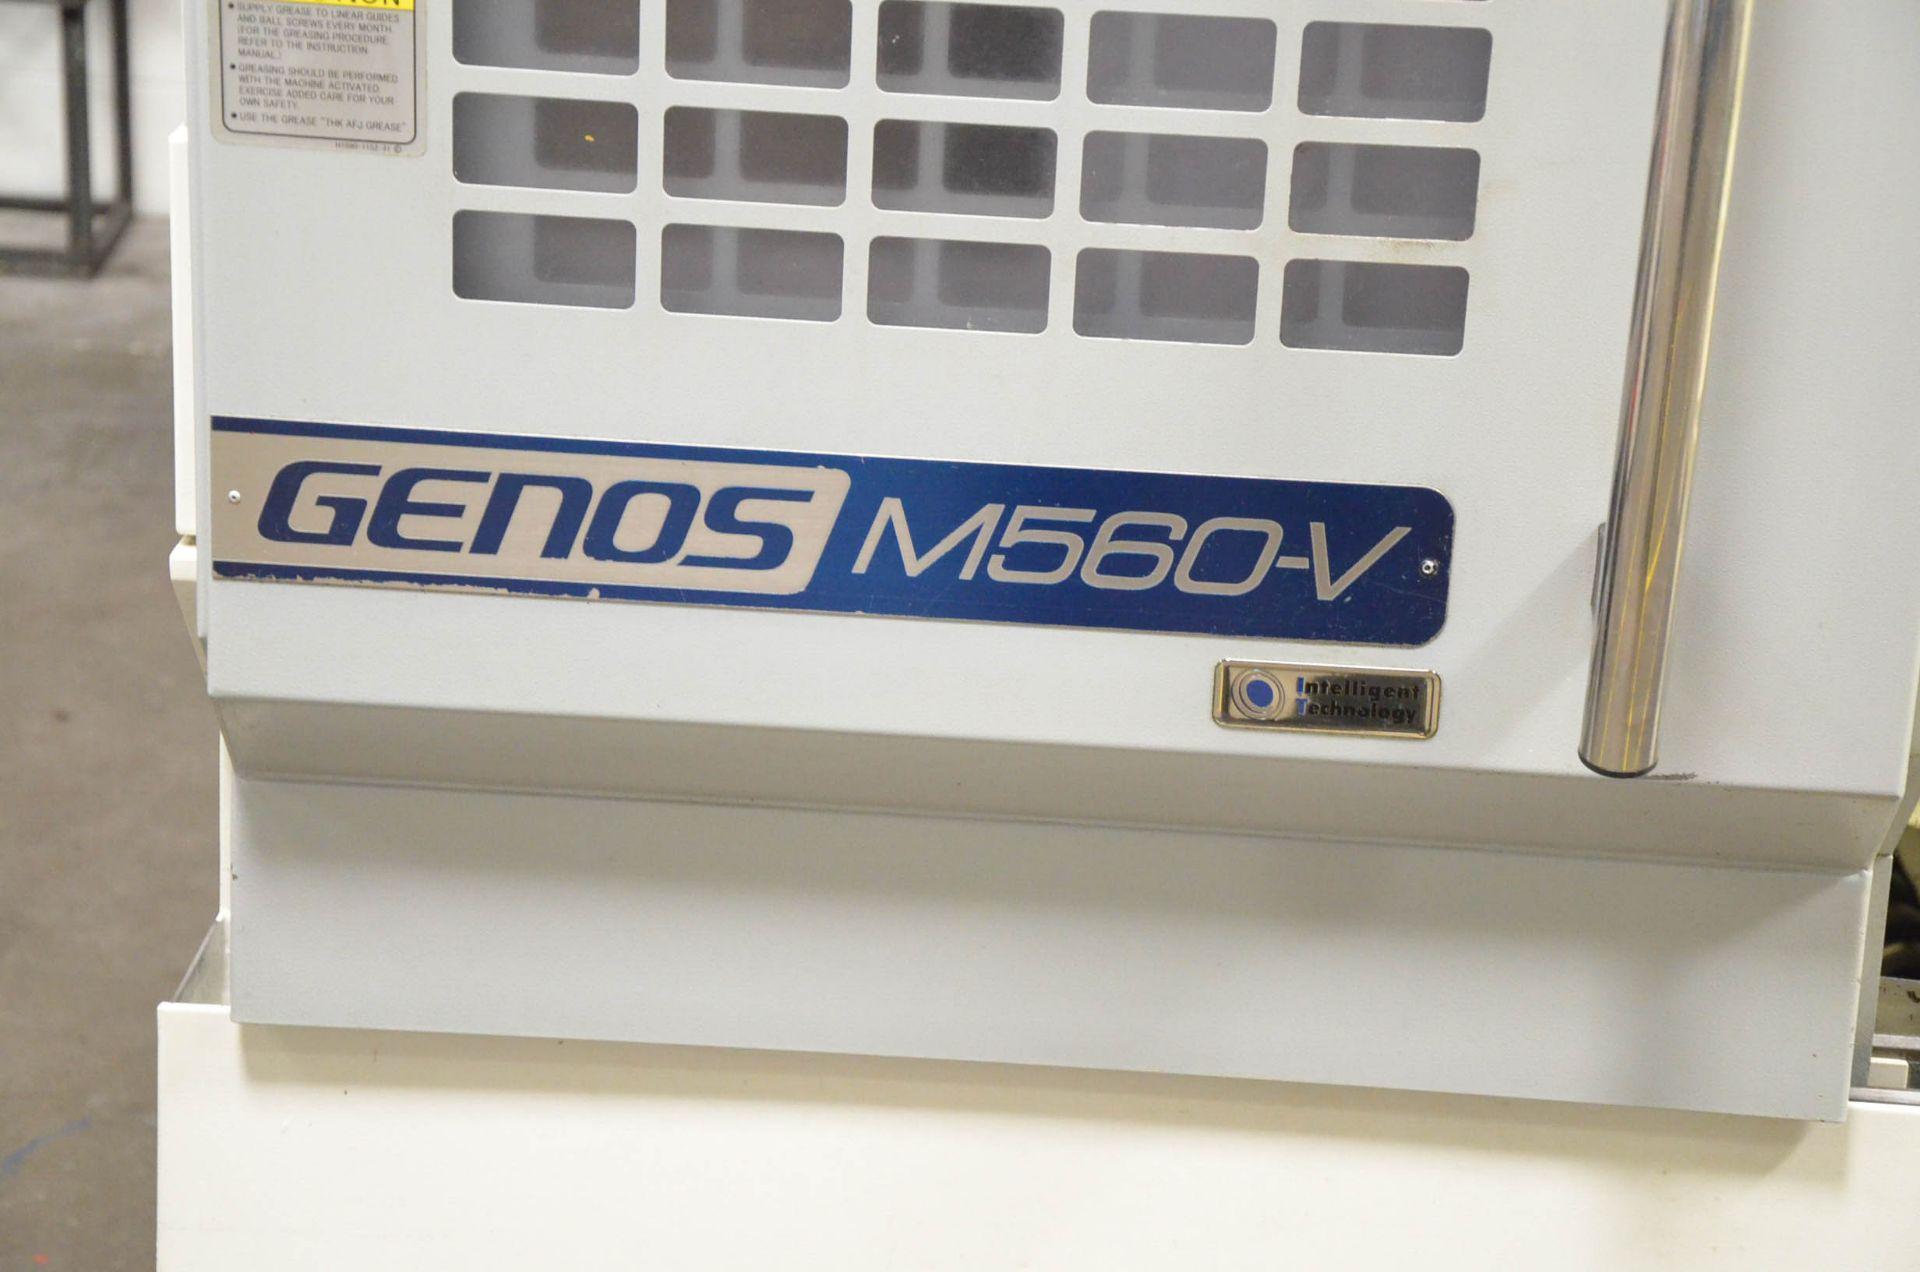 """OKUMA (DEC-2014) GENOS M560-V CNC VERTICAL MACHINING CENTER WITH OKUMA OSP-P300M CNC CONTROL, 22"""" - Image 3 of 12"""